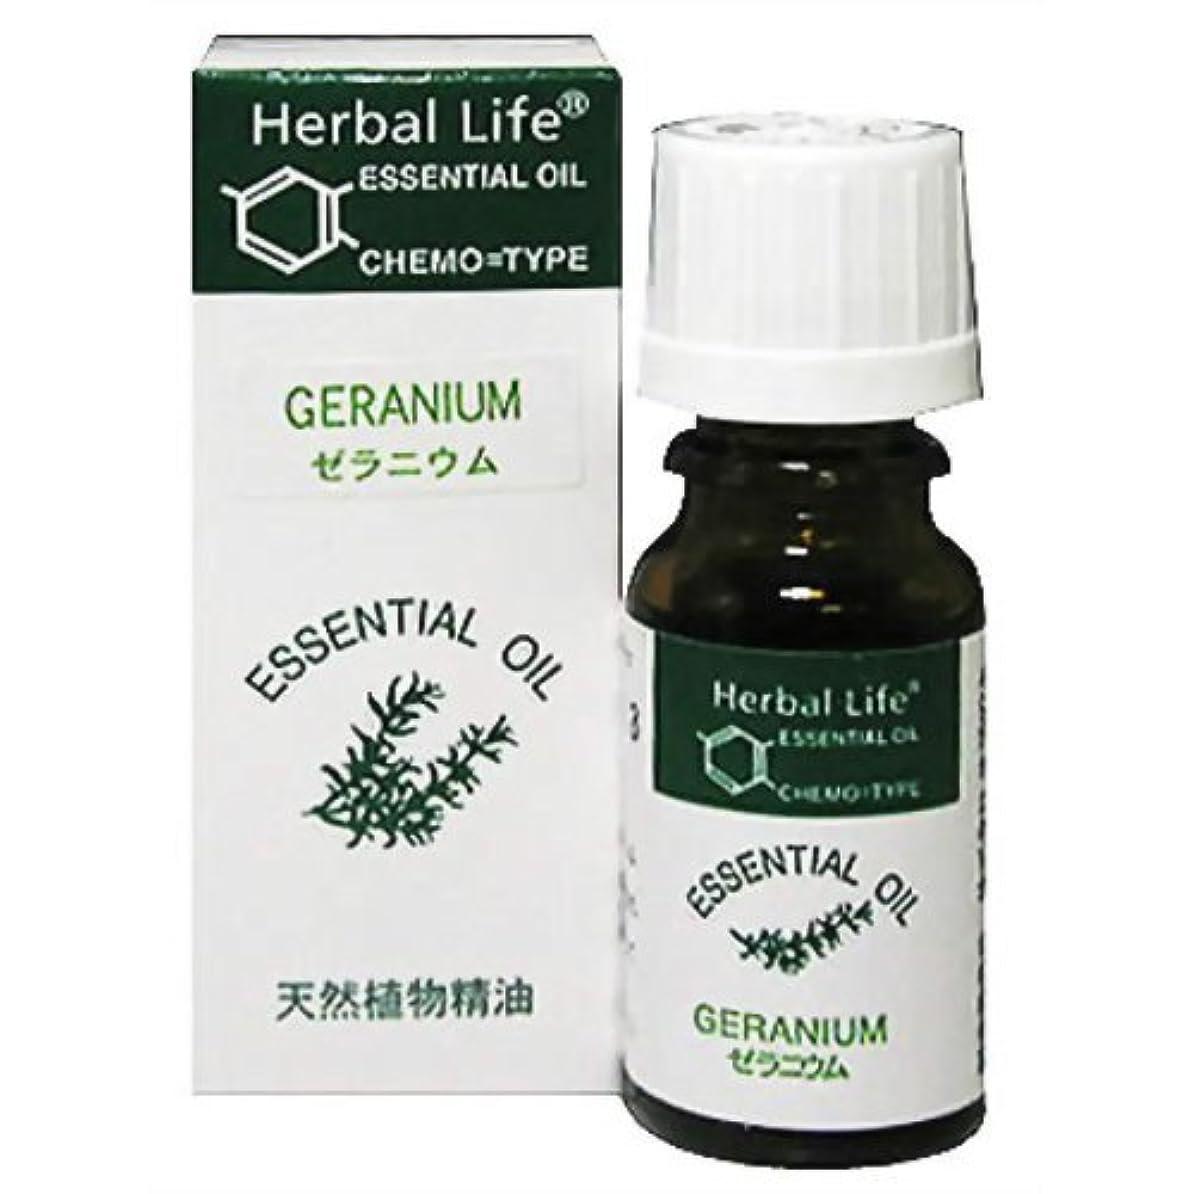 フレームワーク蒸し器世紀Herbal Life ゼラニウム 10ml